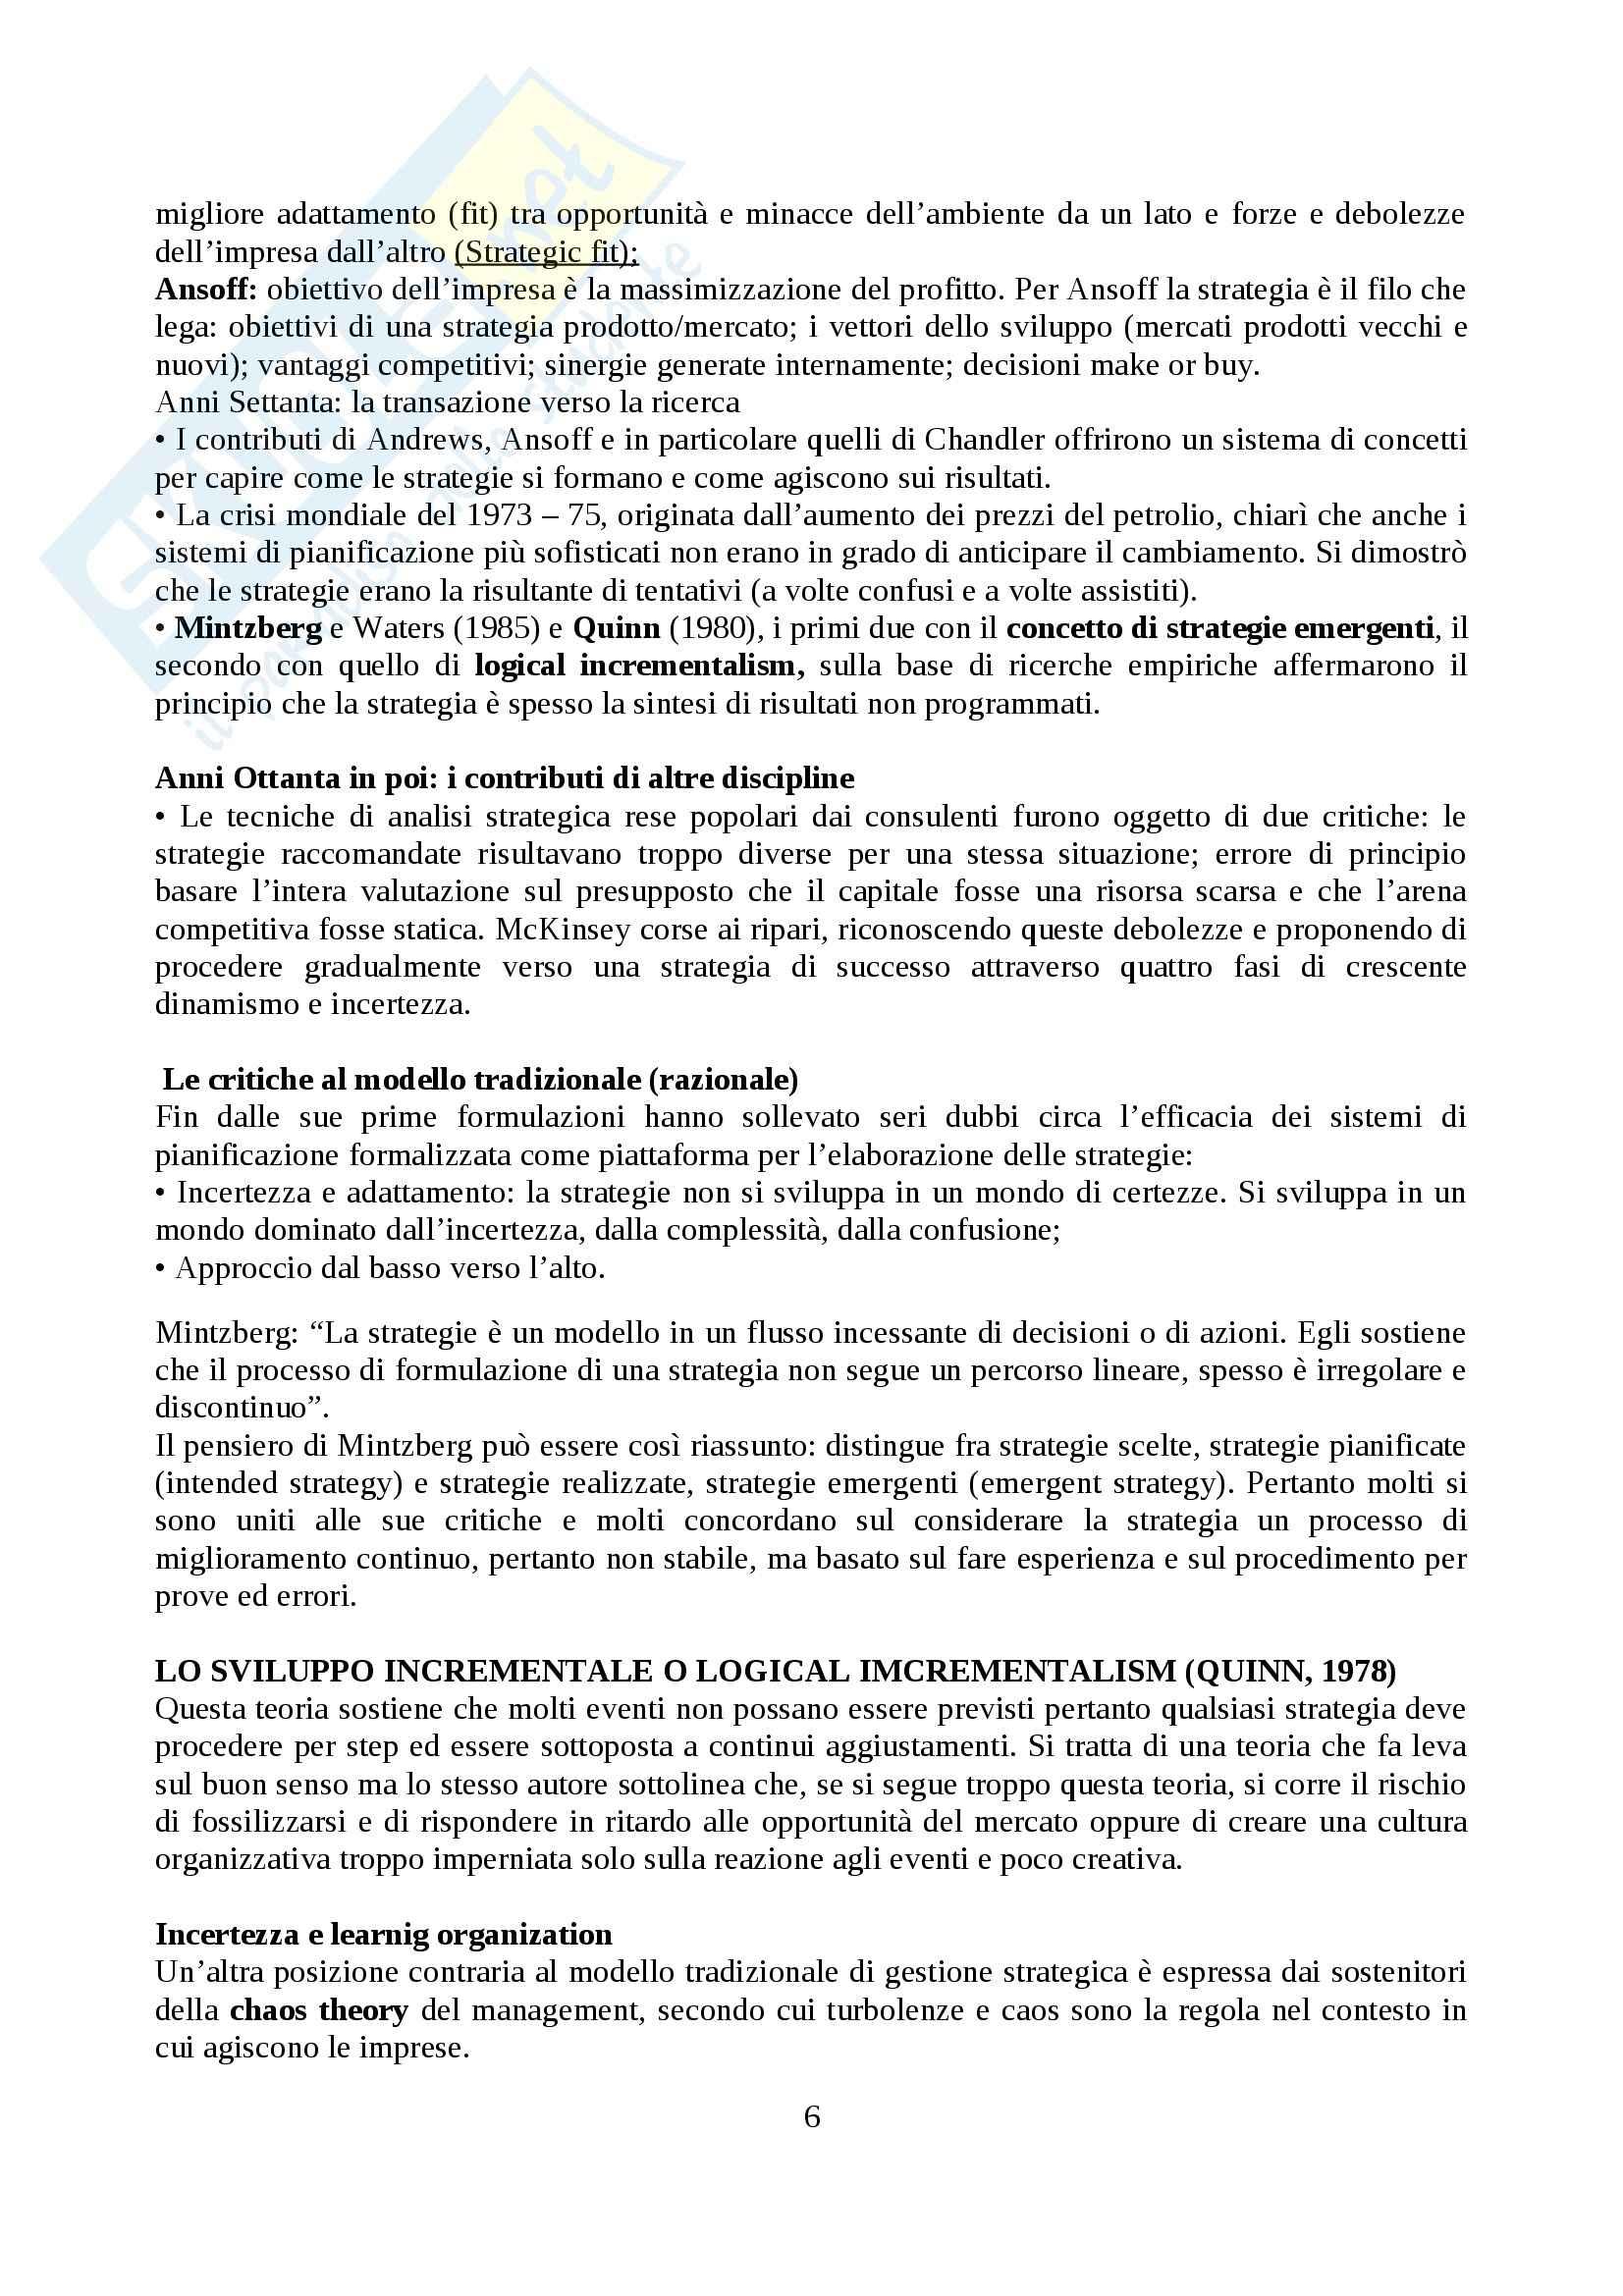 Riassunto esame Organizzazione aziendale, prof. Nacamulli, libro consigliato Strategia d'impresa, Pellicelli Pag. 6